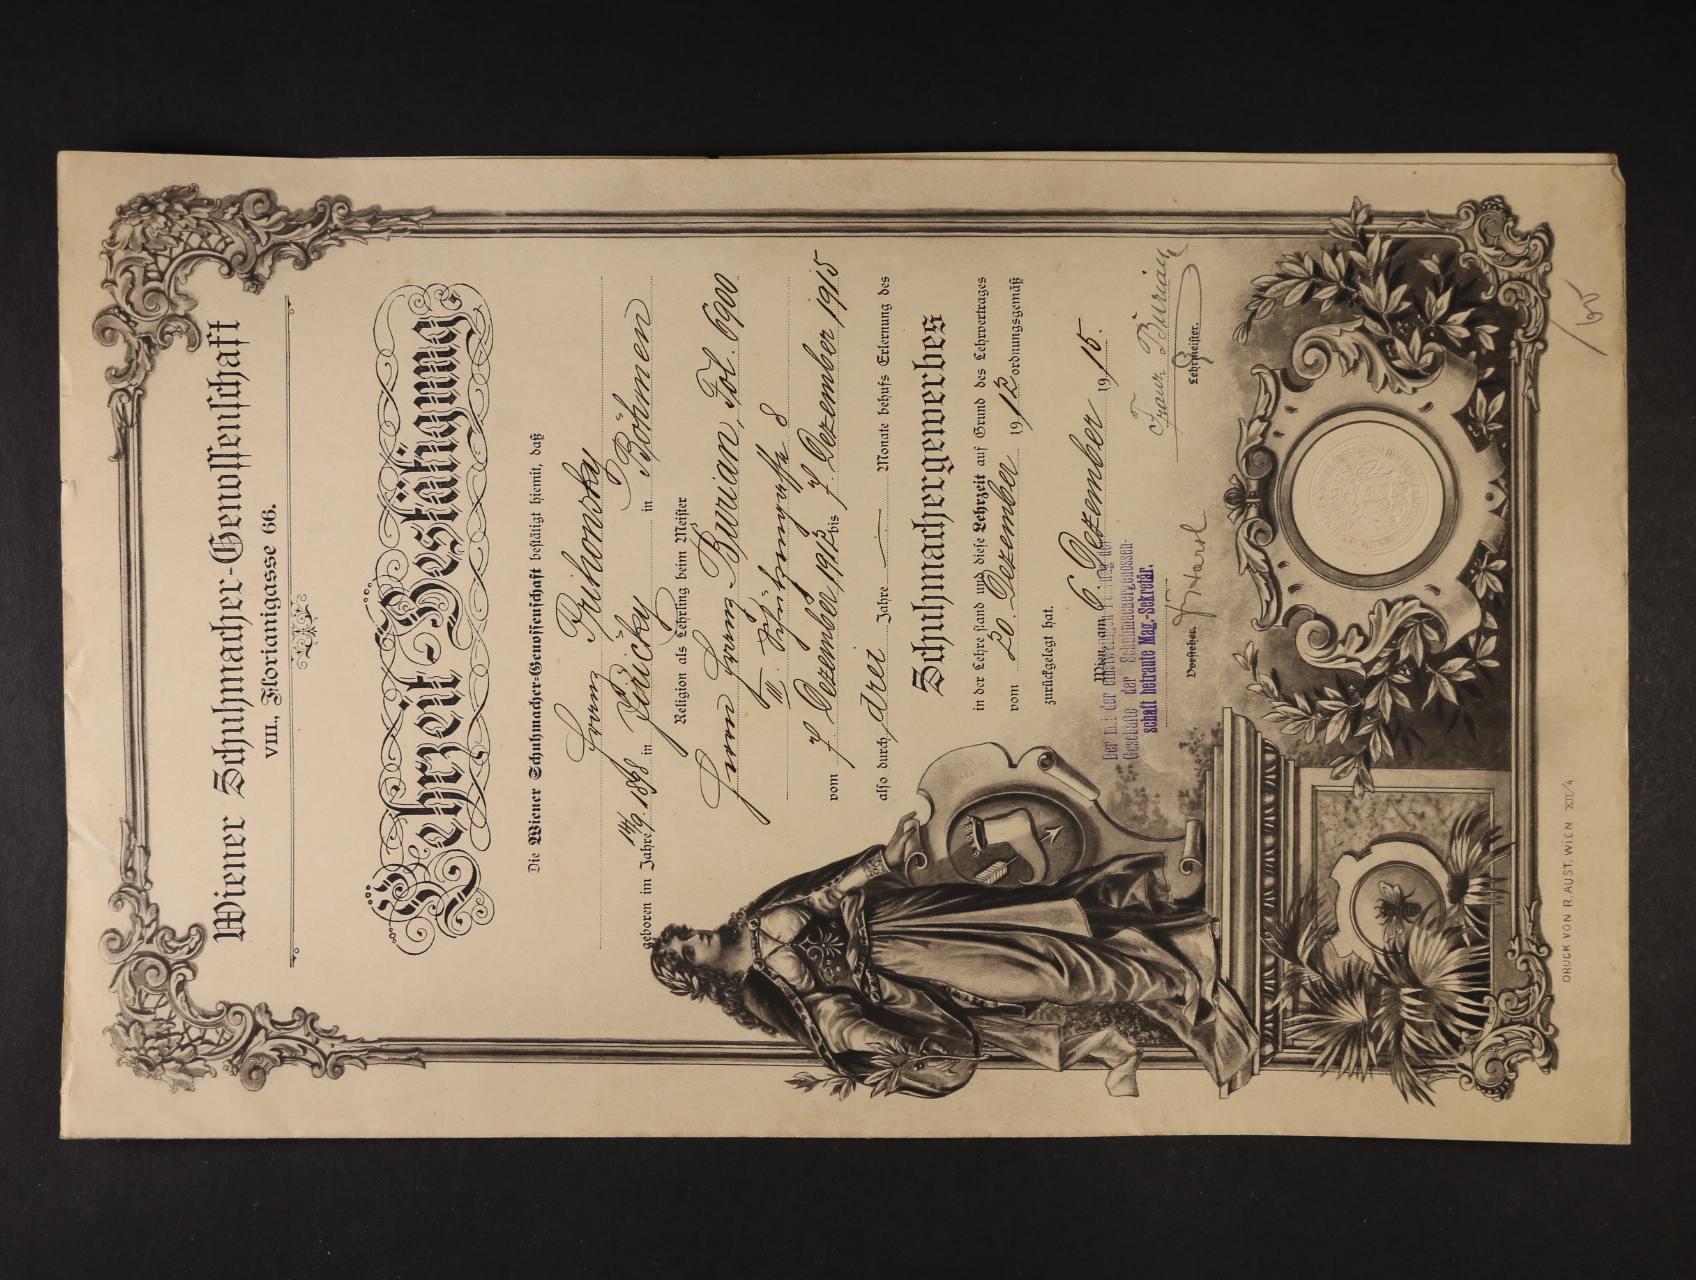 výuční list z r. 1912 s litograf. vedutou Vídně